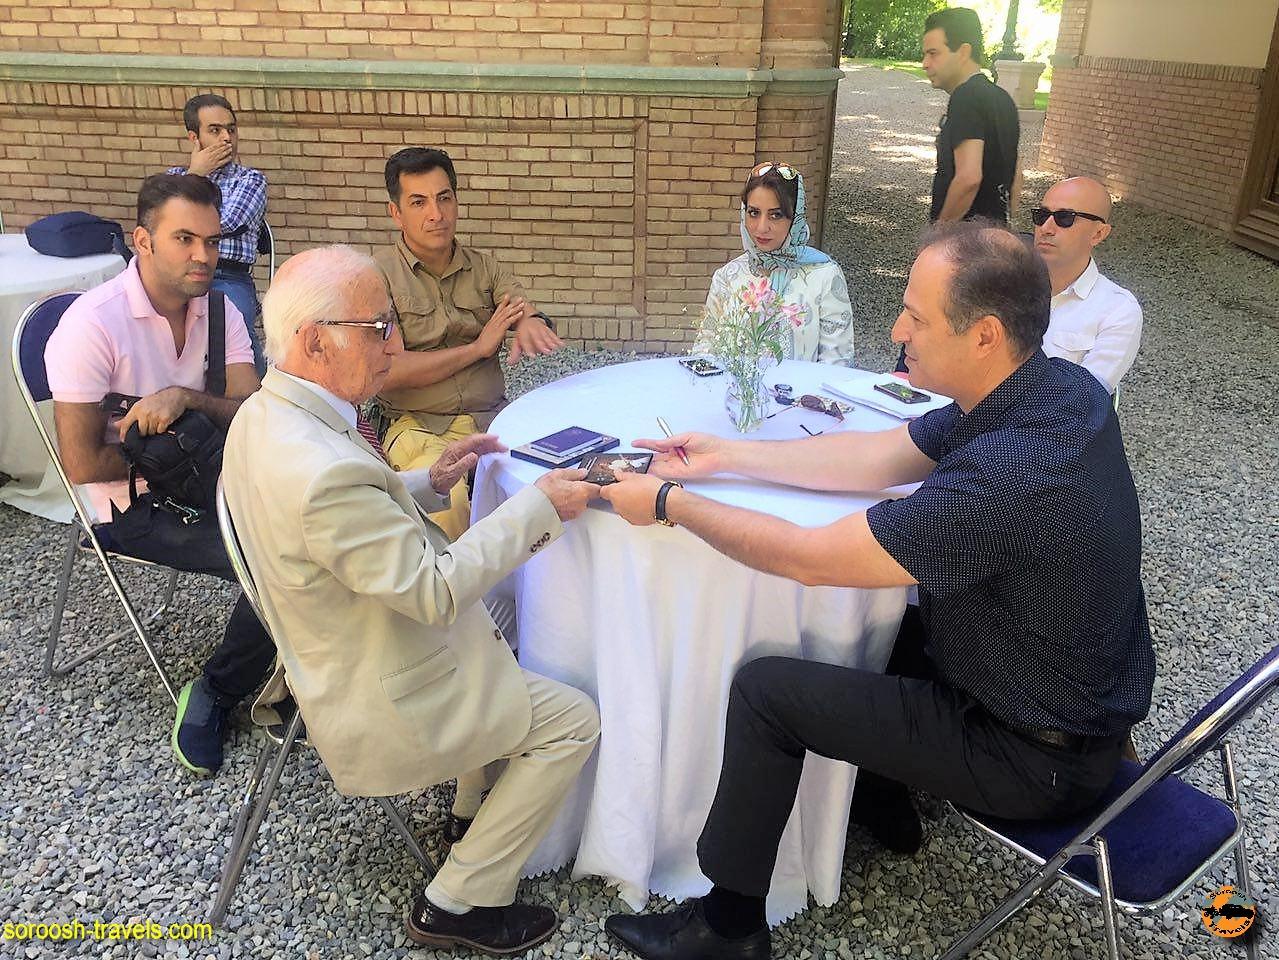 بحث درباره فلسفه سفر در موزه برادران امیدوار - بهار ۱۳۹۶